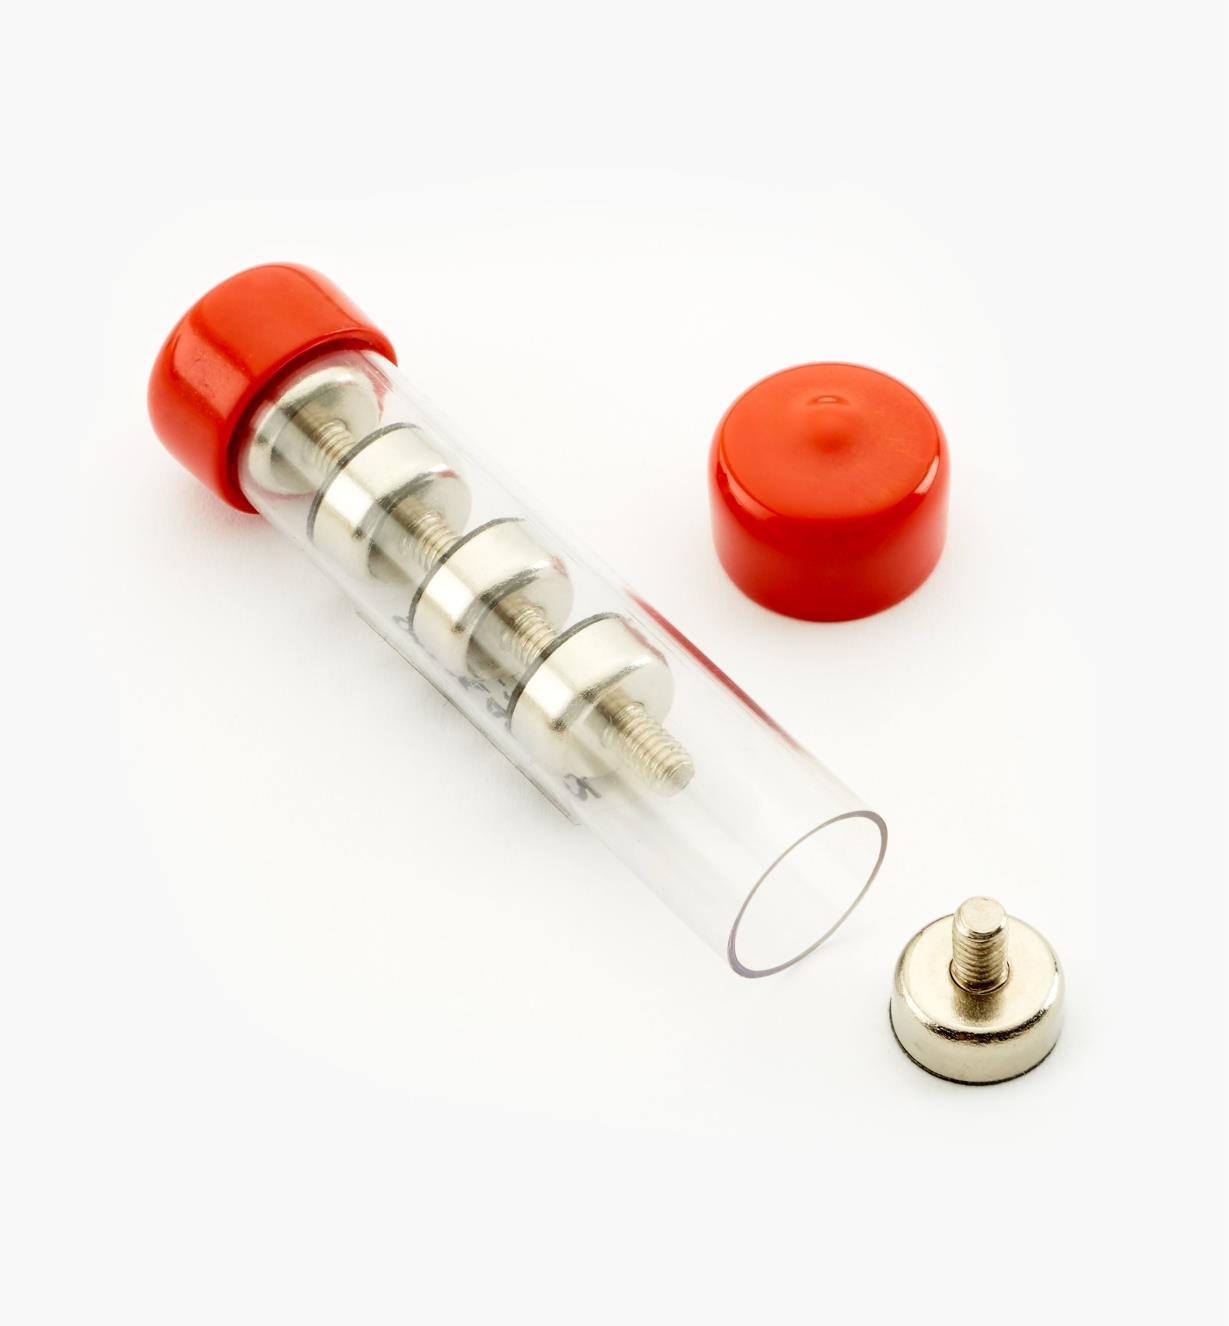 99K4712 - Socles magnétiques en nickel, 12 mm – FiletageM4, le paquet de 5